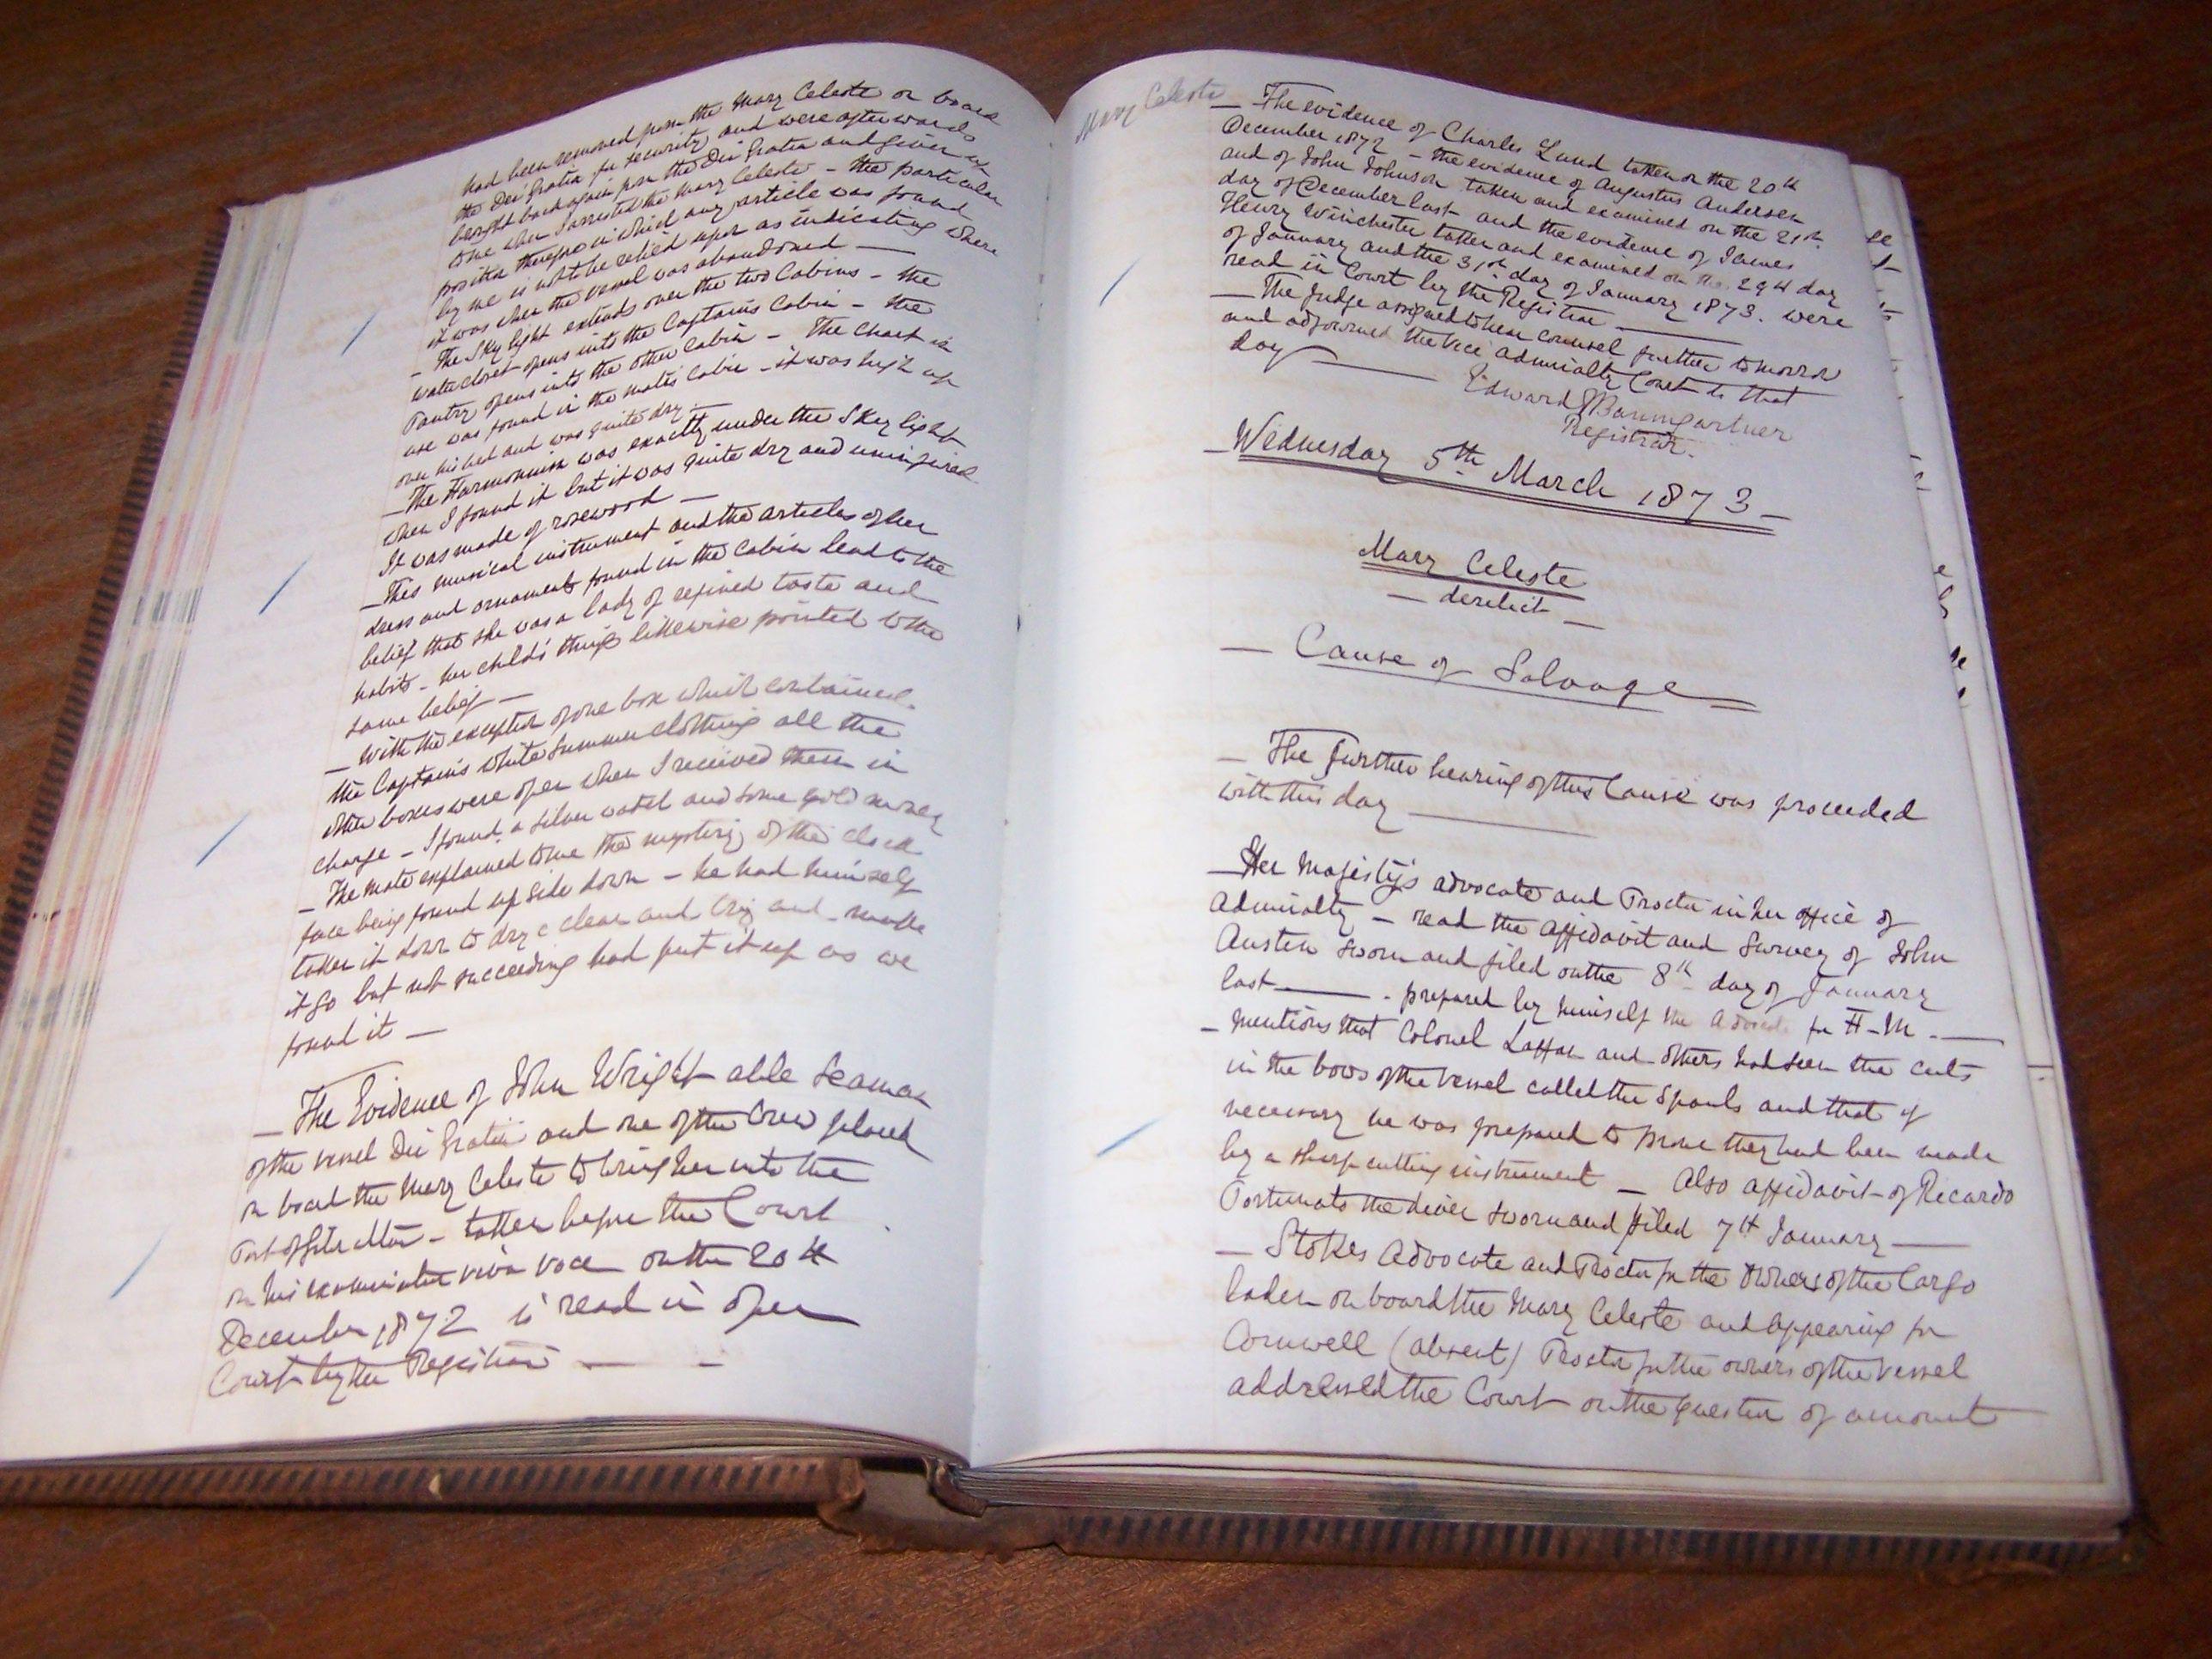 Cuarto milenio archives el reino de las sirenas for Ver cuarto milenio del domingo pasado